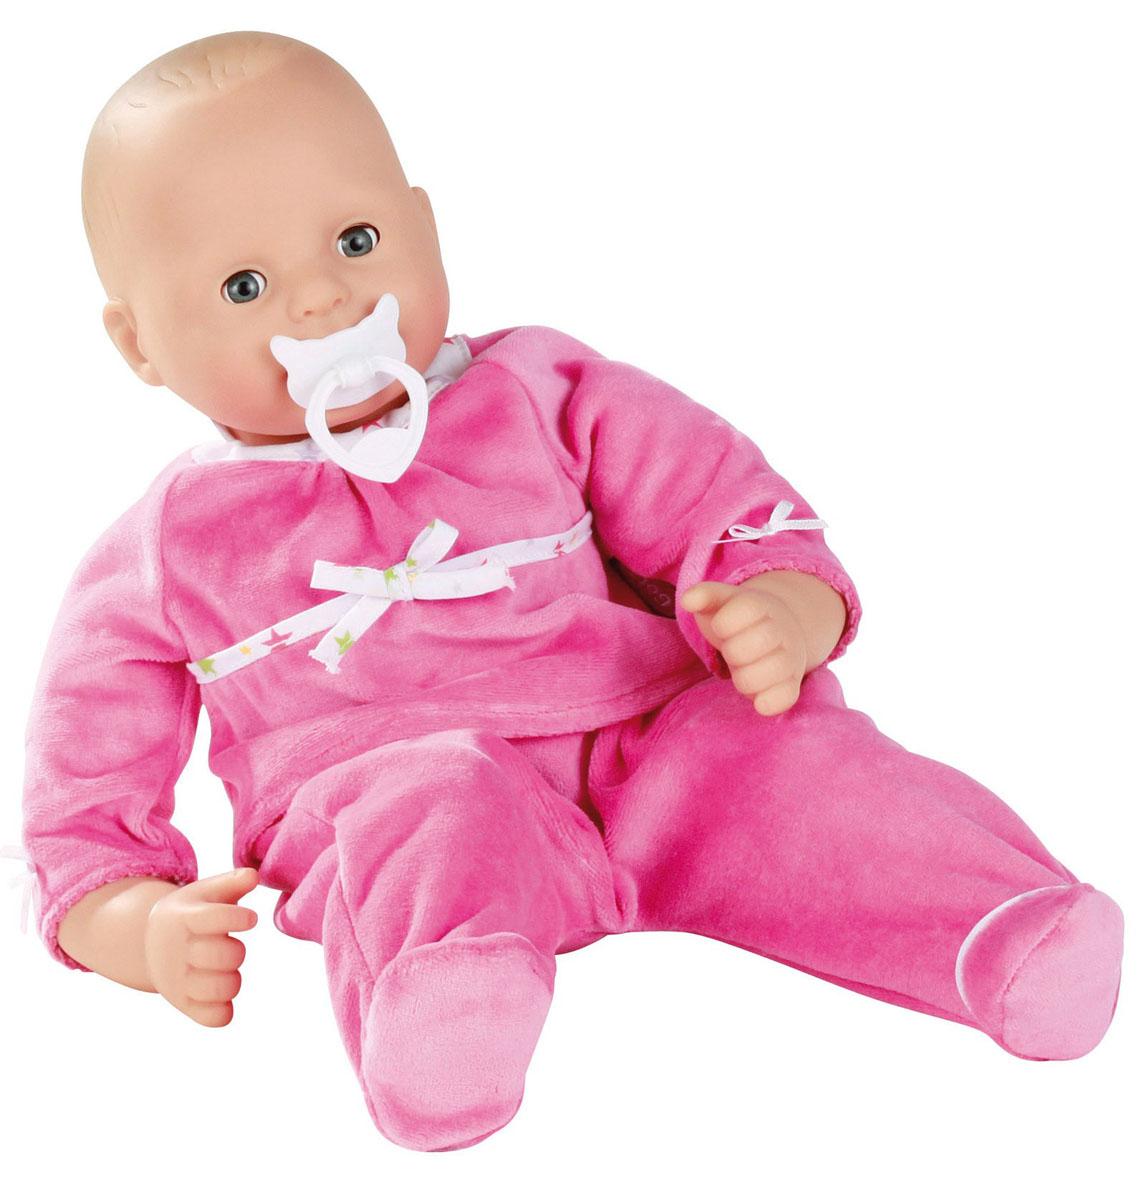 Gotz Пупс Макси-маффин в розовом костюме